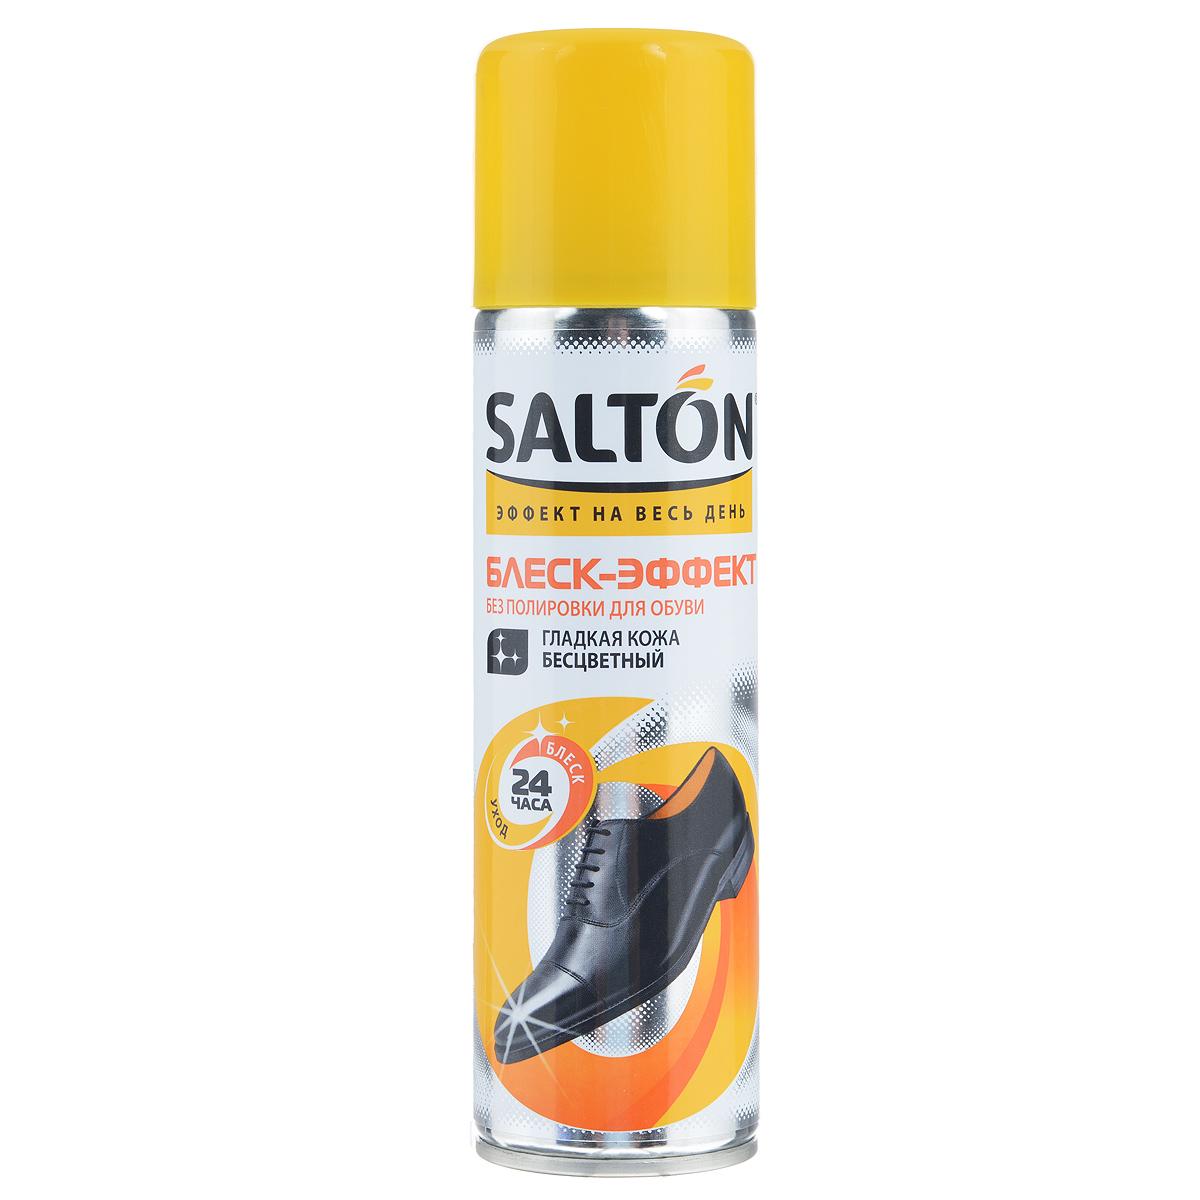 Блеск-эффект без полировки для гладкой кожи Salton, цвет: бесцветный, 250 мл262587291Средство Salton предназначено для придания интенсивного и устойчивого блеска обуви из гладкой кожи. Не требует полировки. Улучшает насыщенность цвета изделия, смягчает кожу, обладает водоотталкивающим эффектом. Не использовать для лаковой кожи! Состав: 30%: алифатический растворитель, пропеллент (бутан, изобутан, пропан).